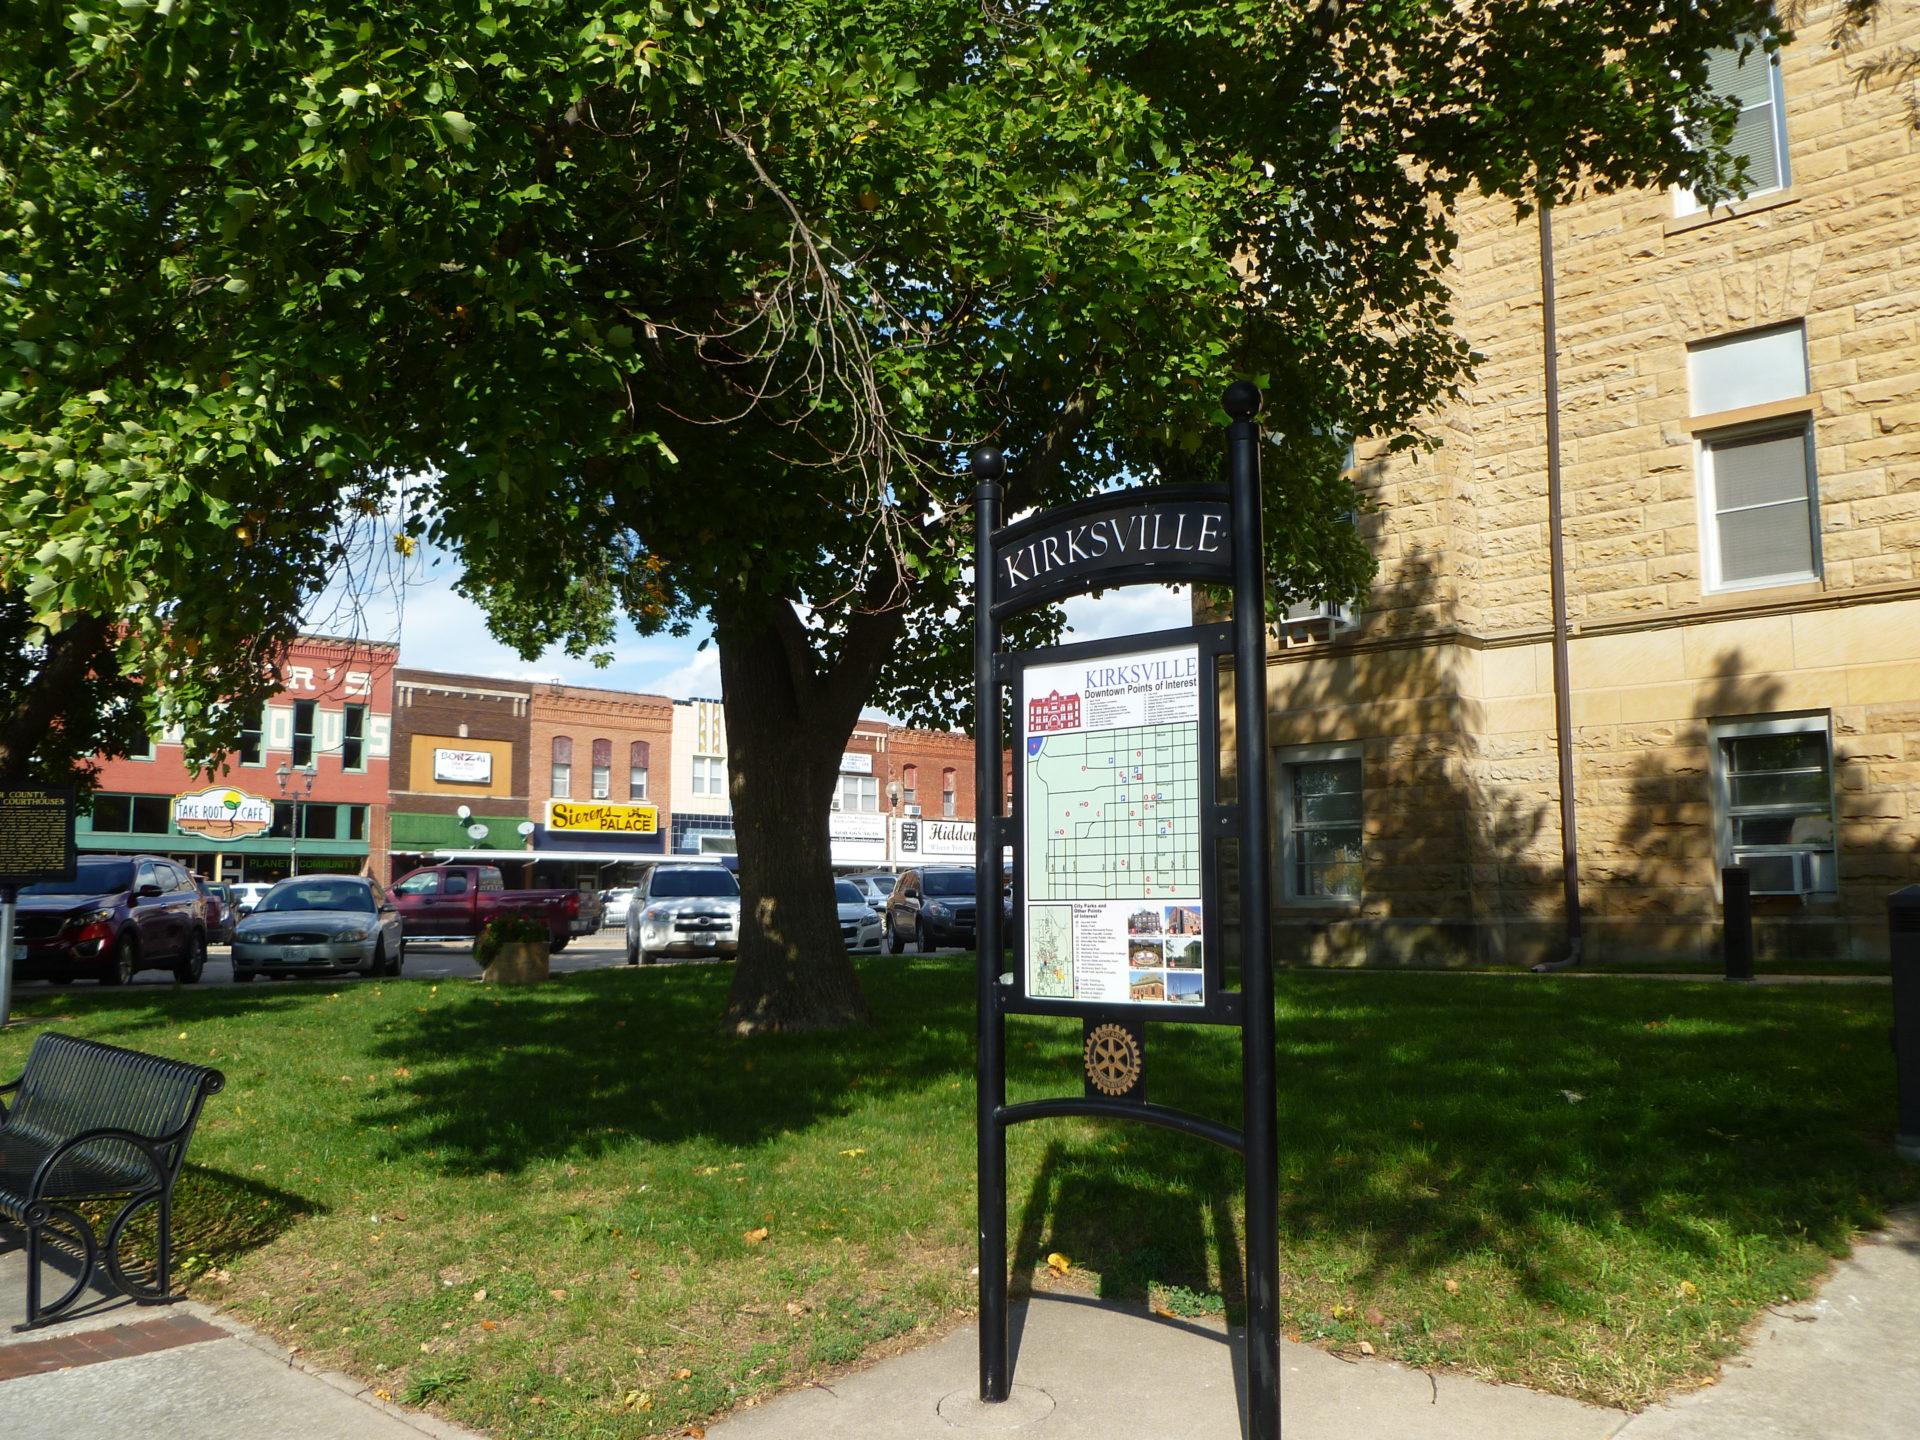 Downtown Kirksville